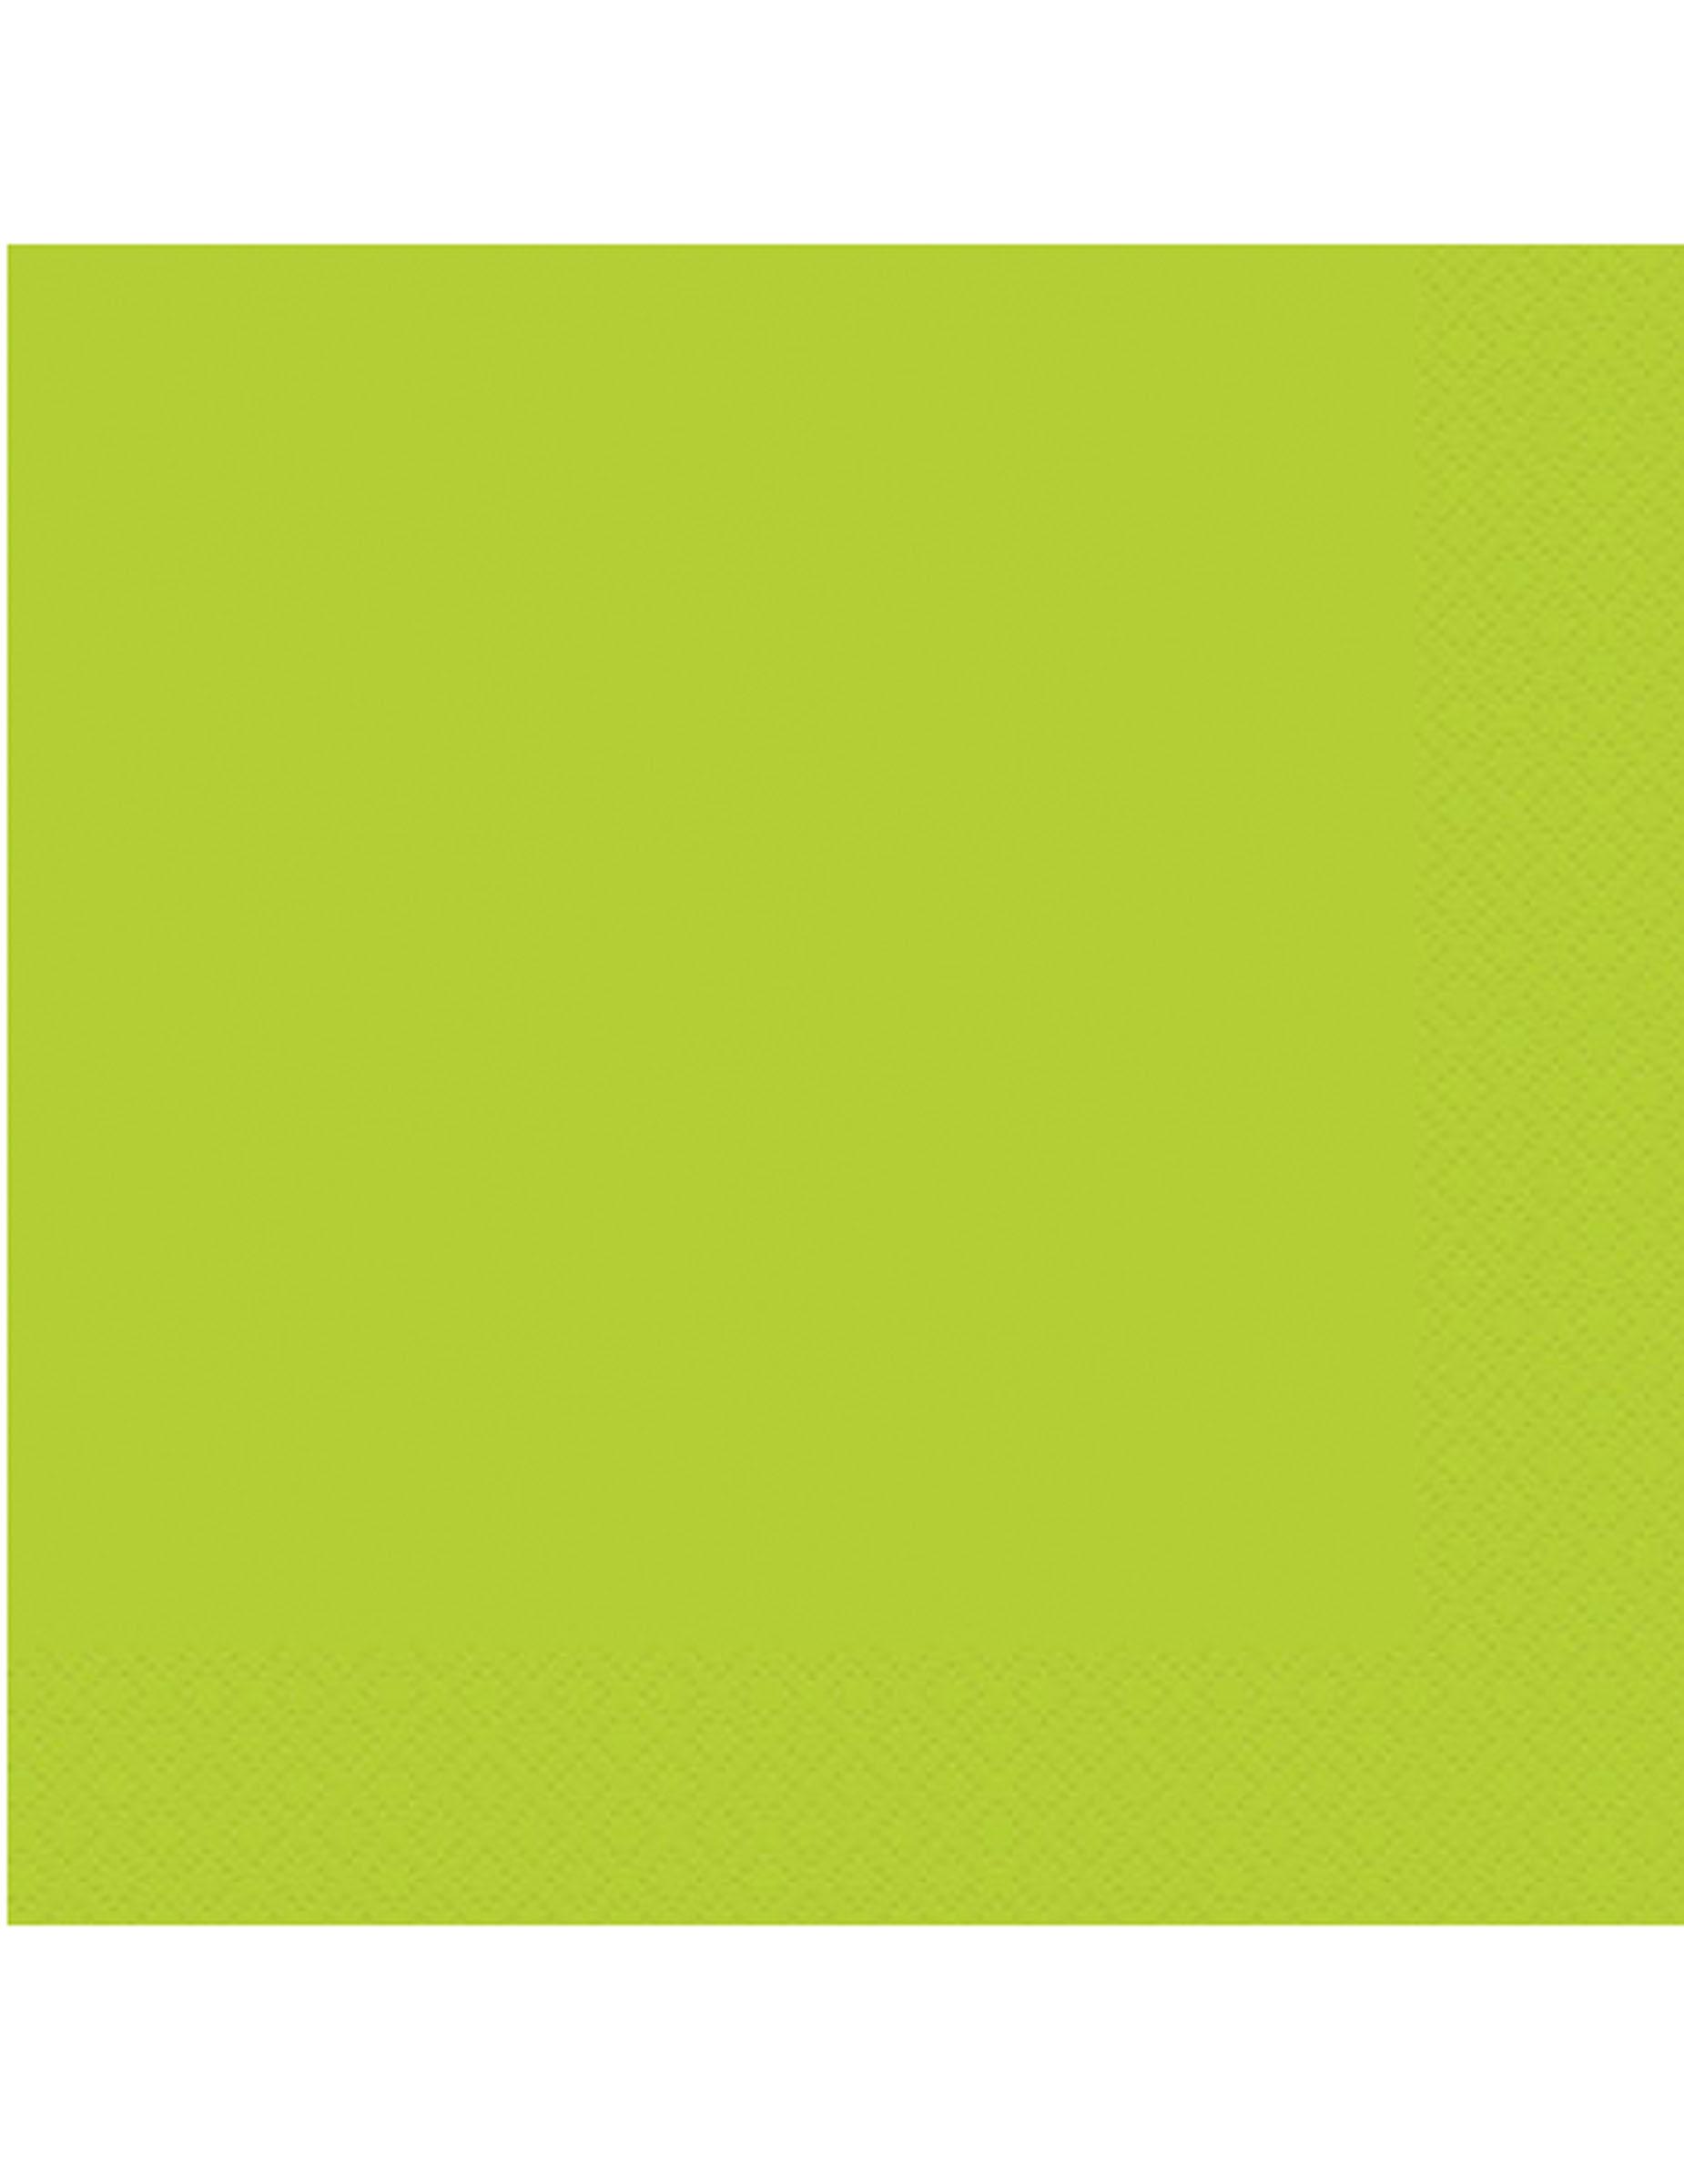 20 serviettes en papier vert pomme 33 x 33 cm d coration anniversaire et f tes th me sur - Chambre marron et vert pomme ...